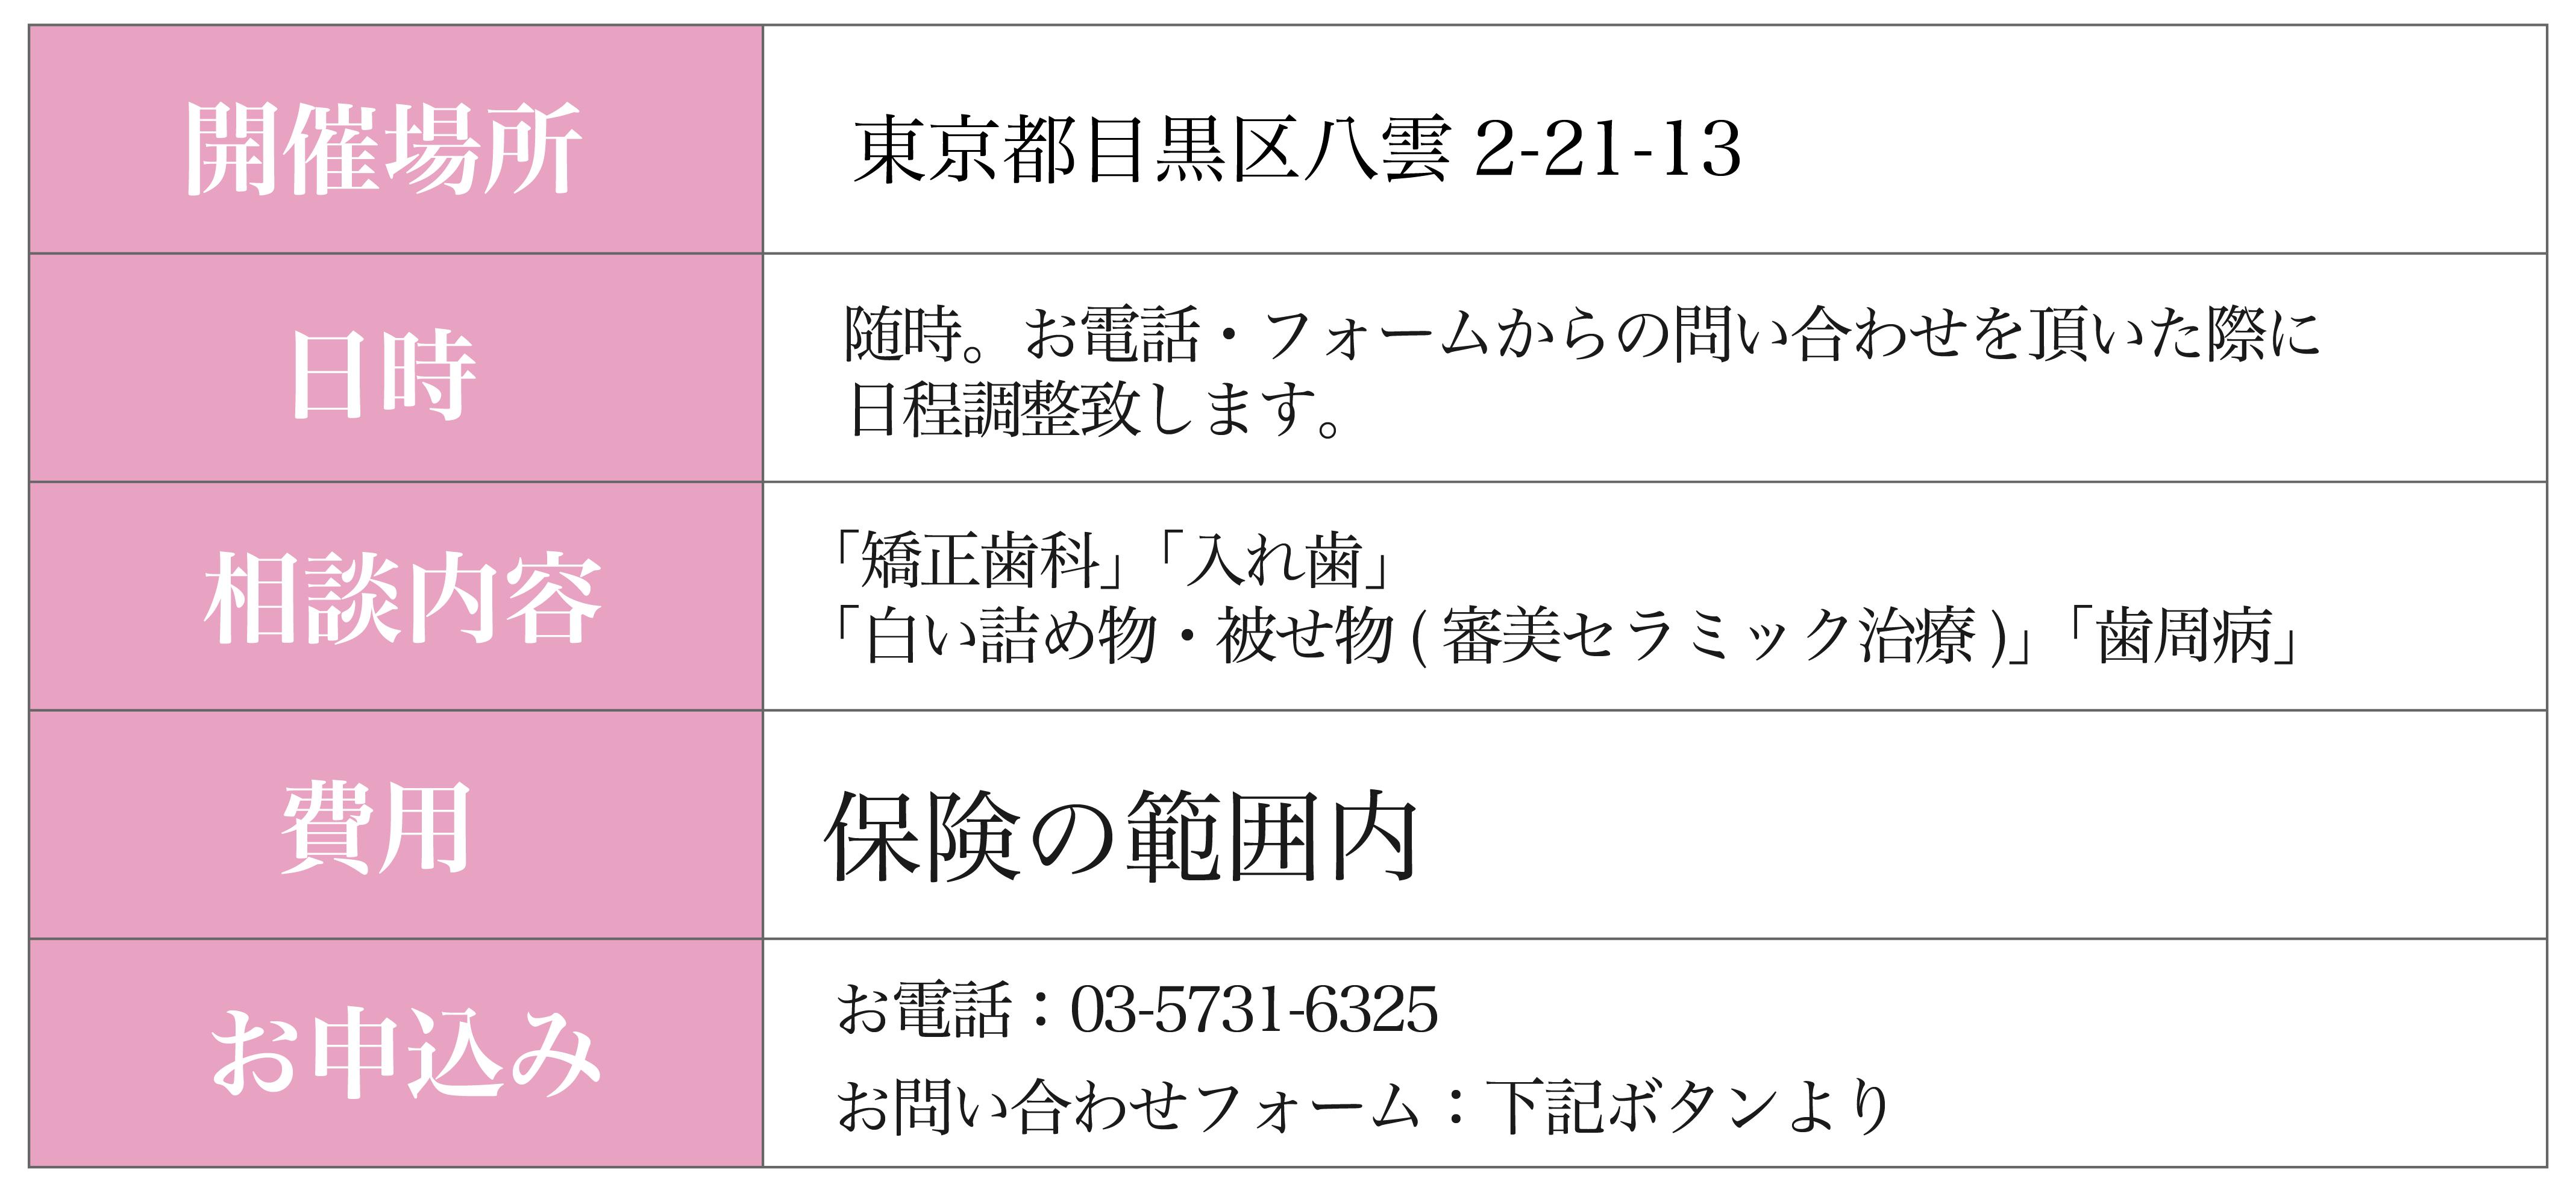 kaisai01 アートボード 1 - 初診の方へ02